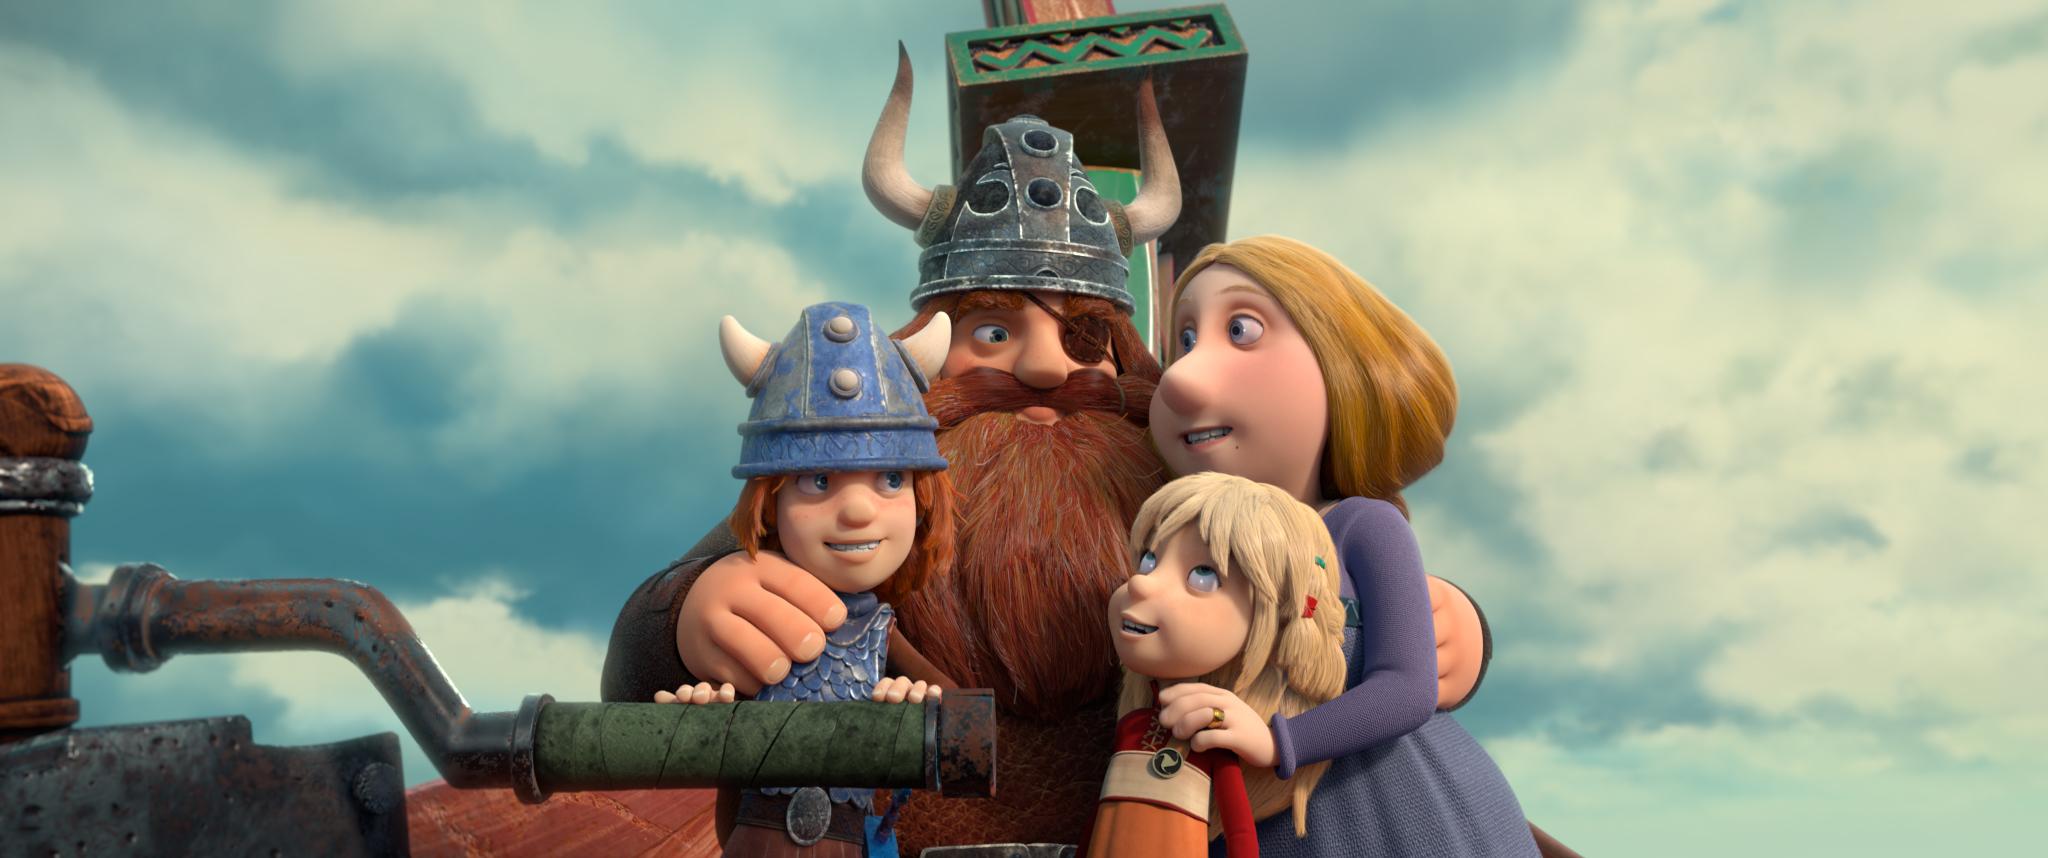 pentru parinti: platforma de streaming animest ofera filme de animatie pentru cei mici Pentru parinti: Platforma de streaming Animest ofera filme de animatie pentru cei mici vic the viking 1